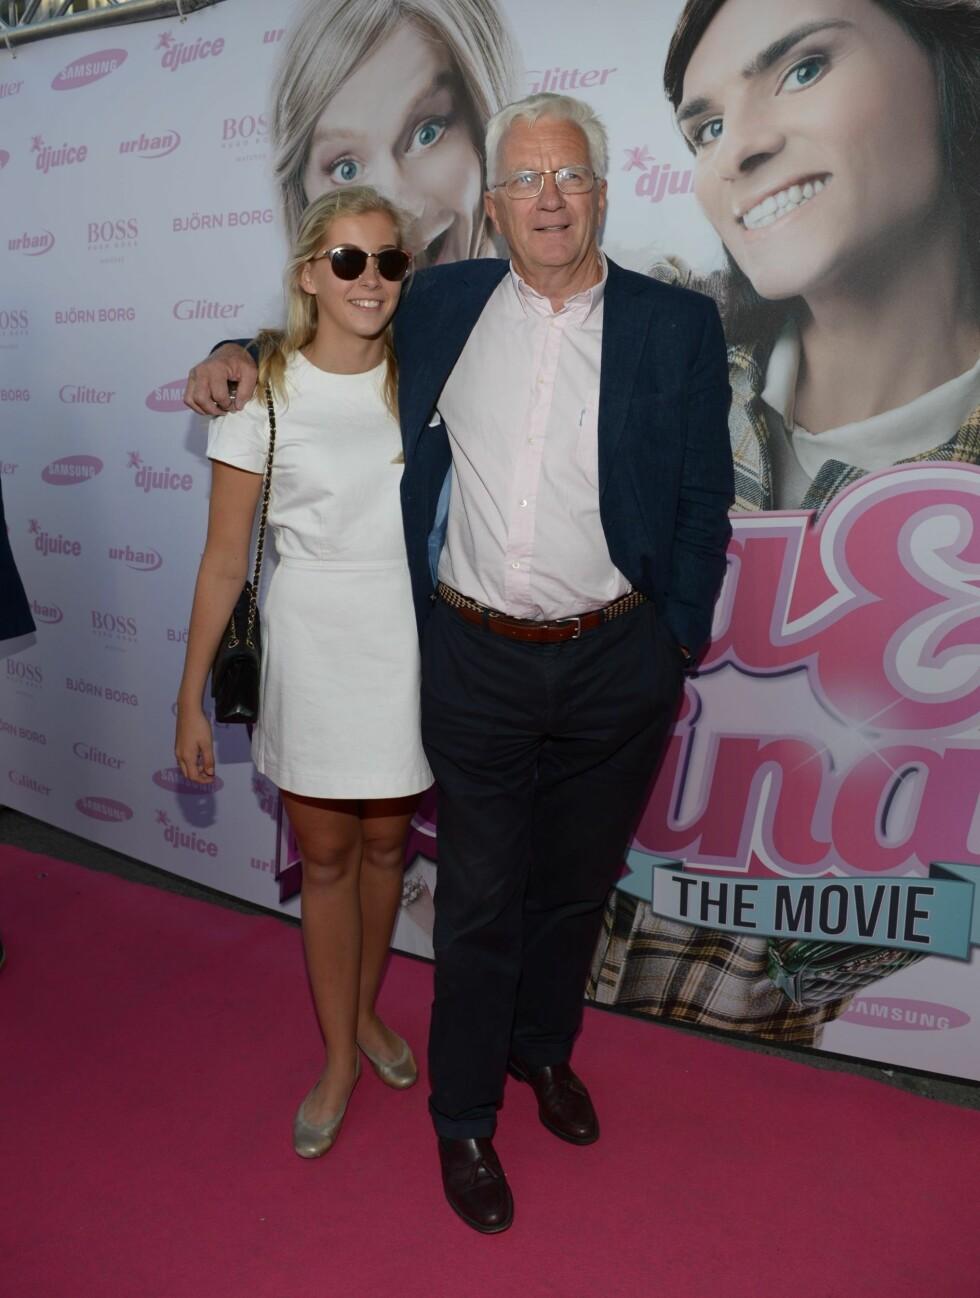 FAR OG DATTER: Trygve Hegnar, som har en liten rolle i filmen, hadde tatt med seg datteren sin på filmpremieren. Foto: Stella Pictures